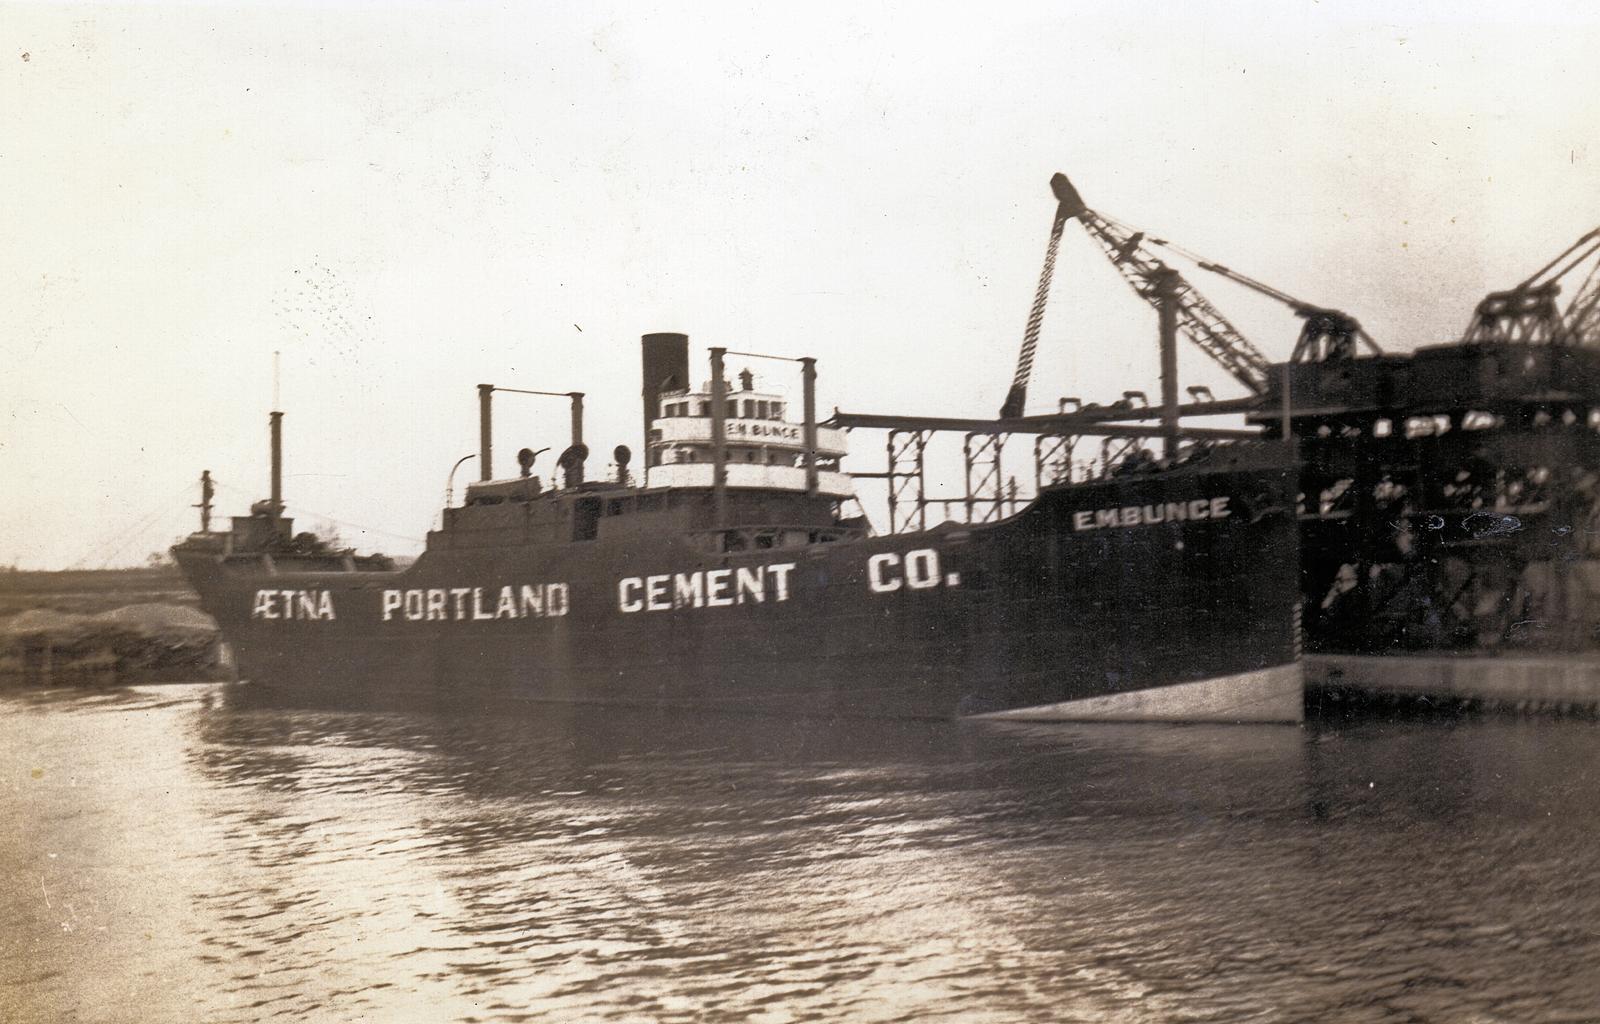 MONTFAUCON (1920, Bulk Freighter)